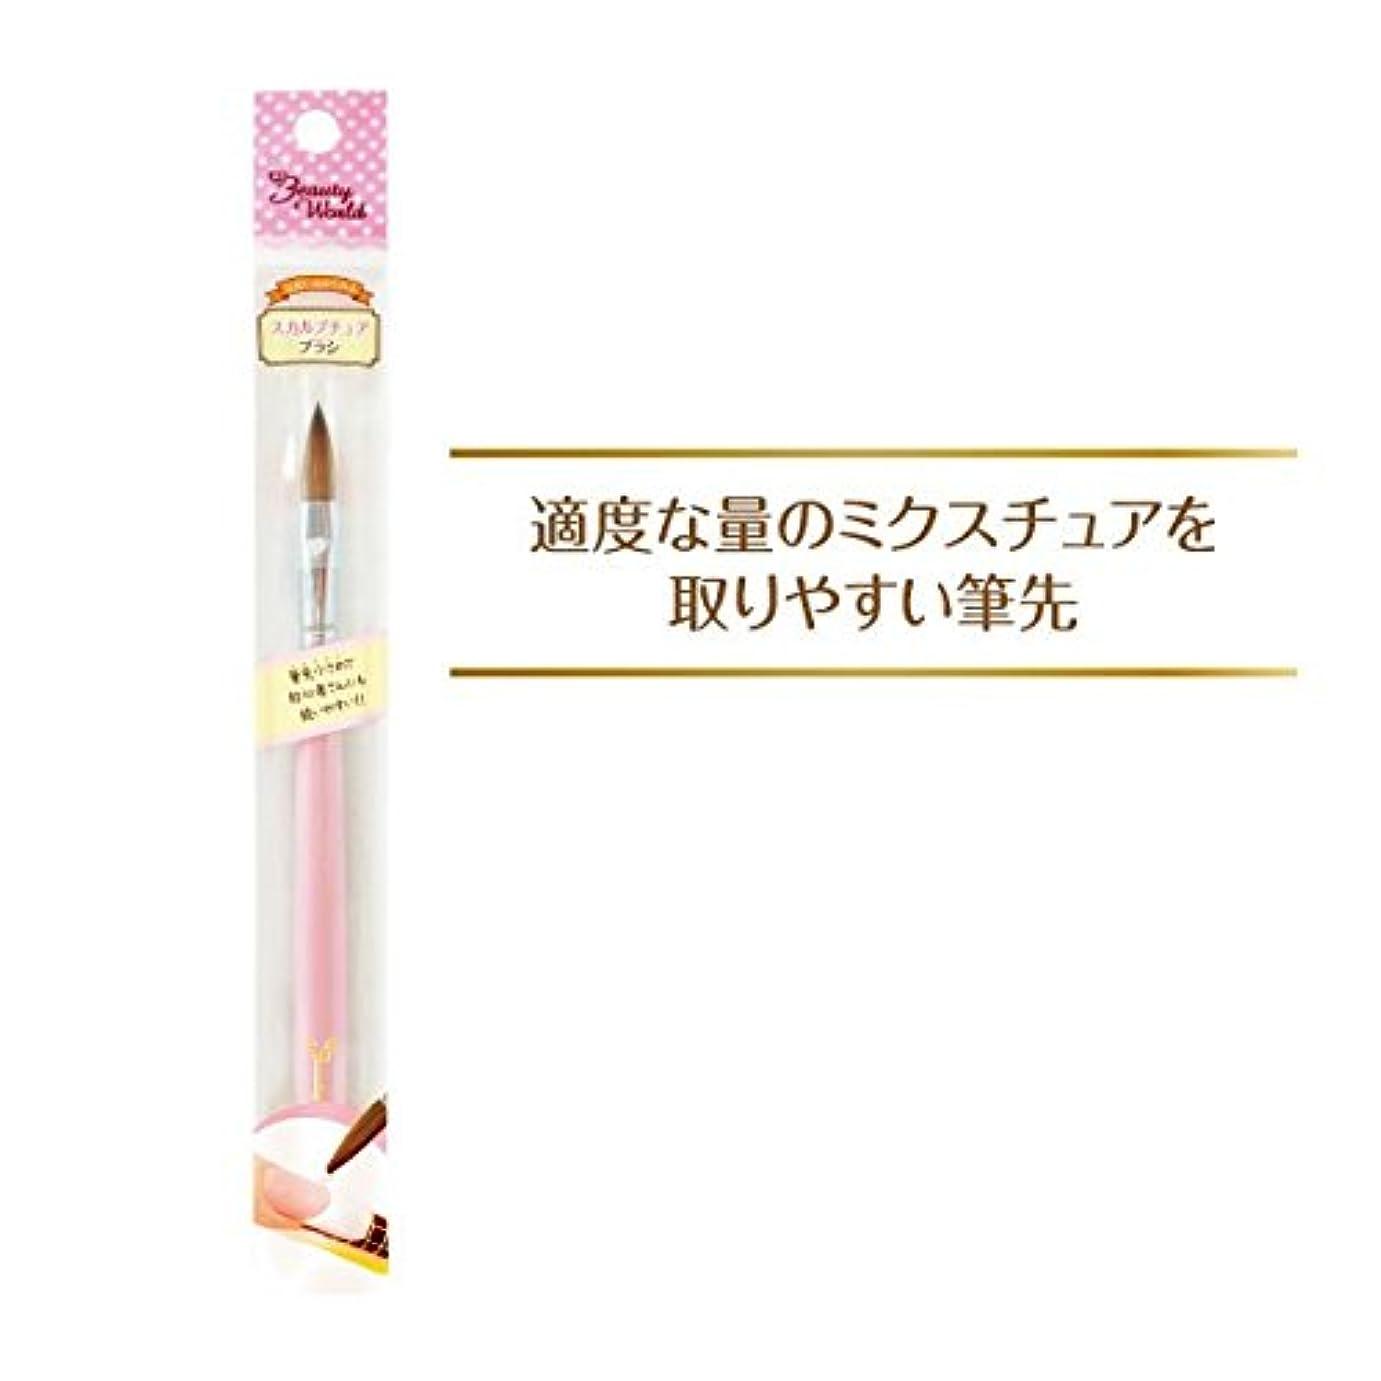 第二豆腐動機付けるビューティーワールド スカルプチュアブラシ KF1701